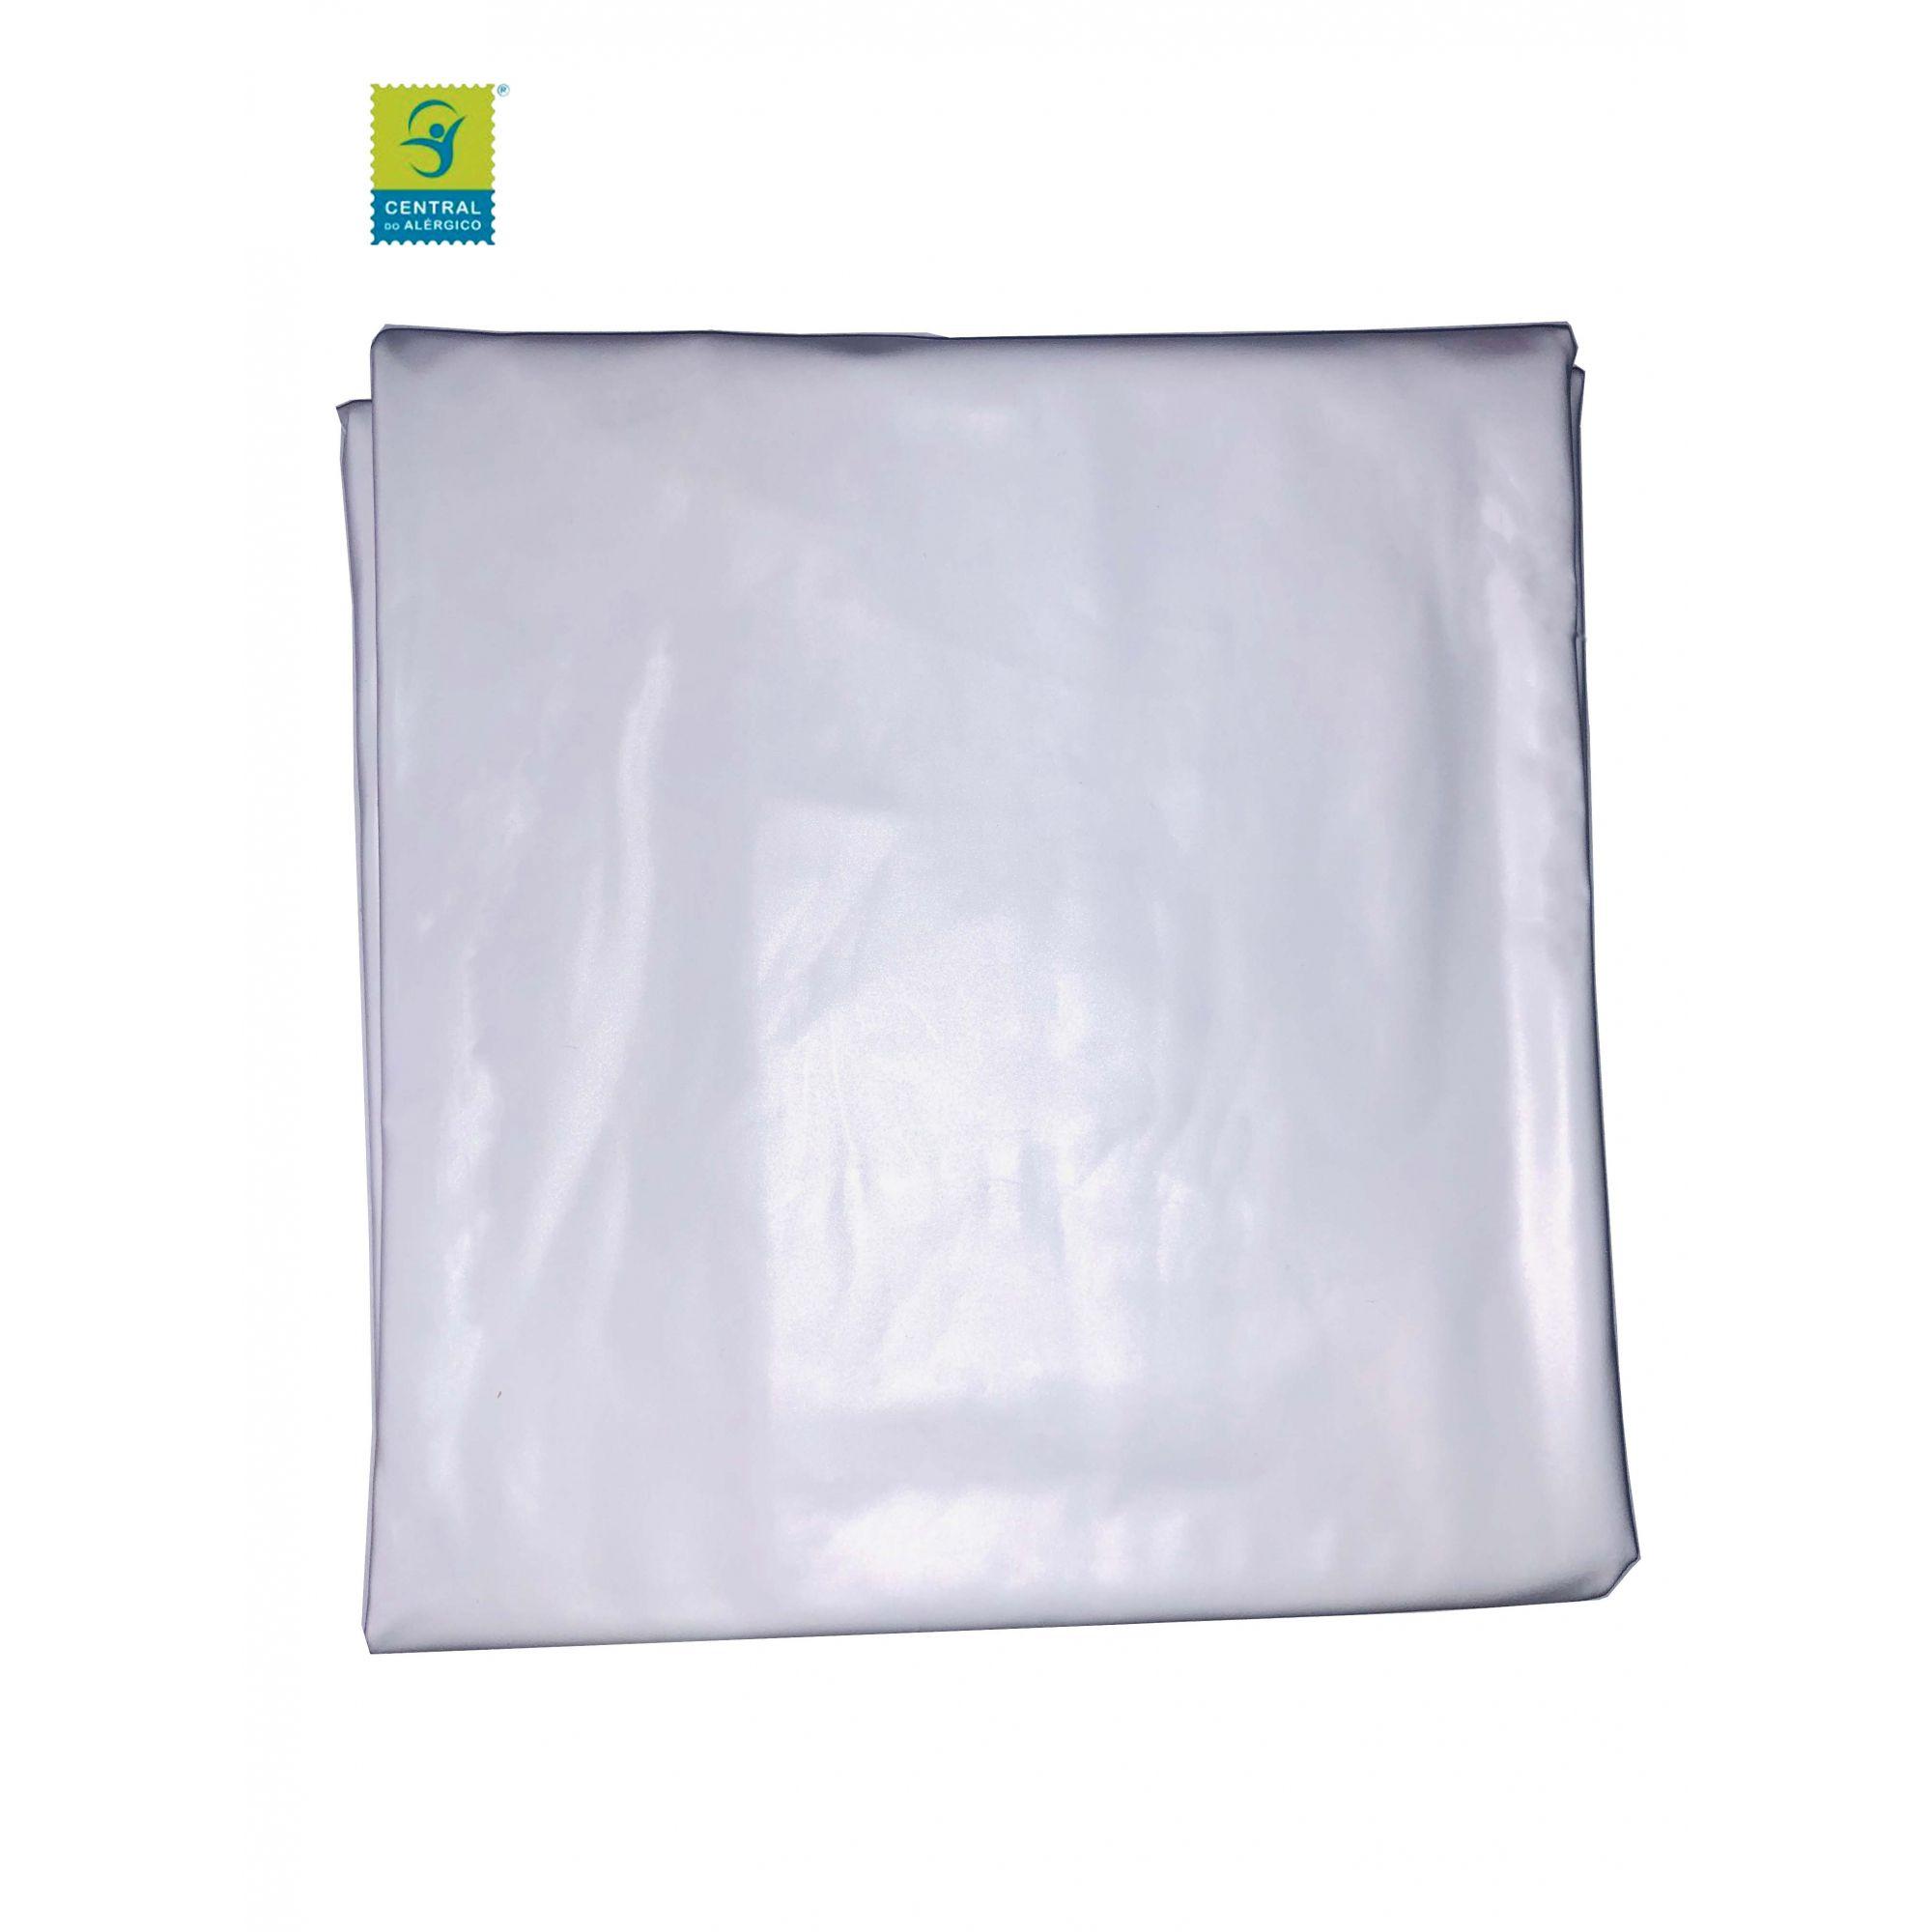 Traçado (Oleado) Impermeável 100% PVC Tam: 1,40 x 1,60cm - Protege o colchão em casos de incontinência urinária.